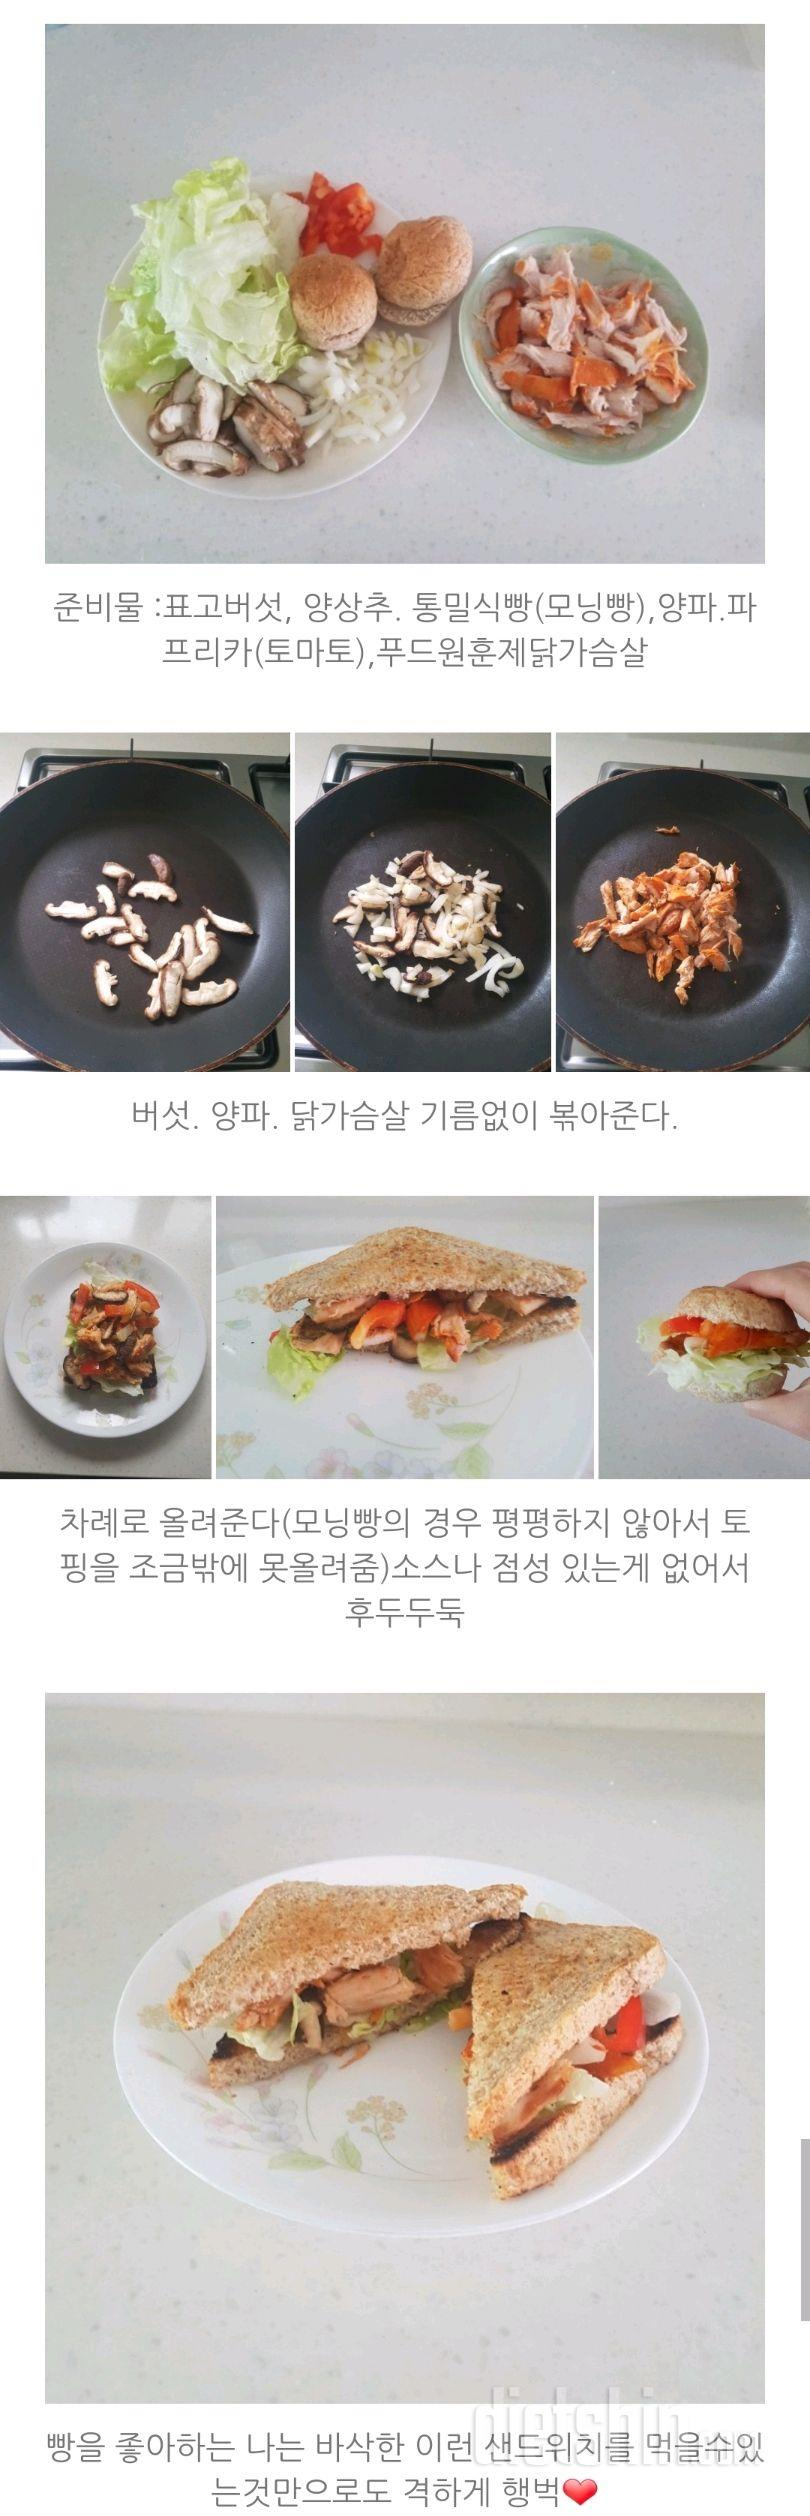 #닭가슴살통밀빵샌드위치